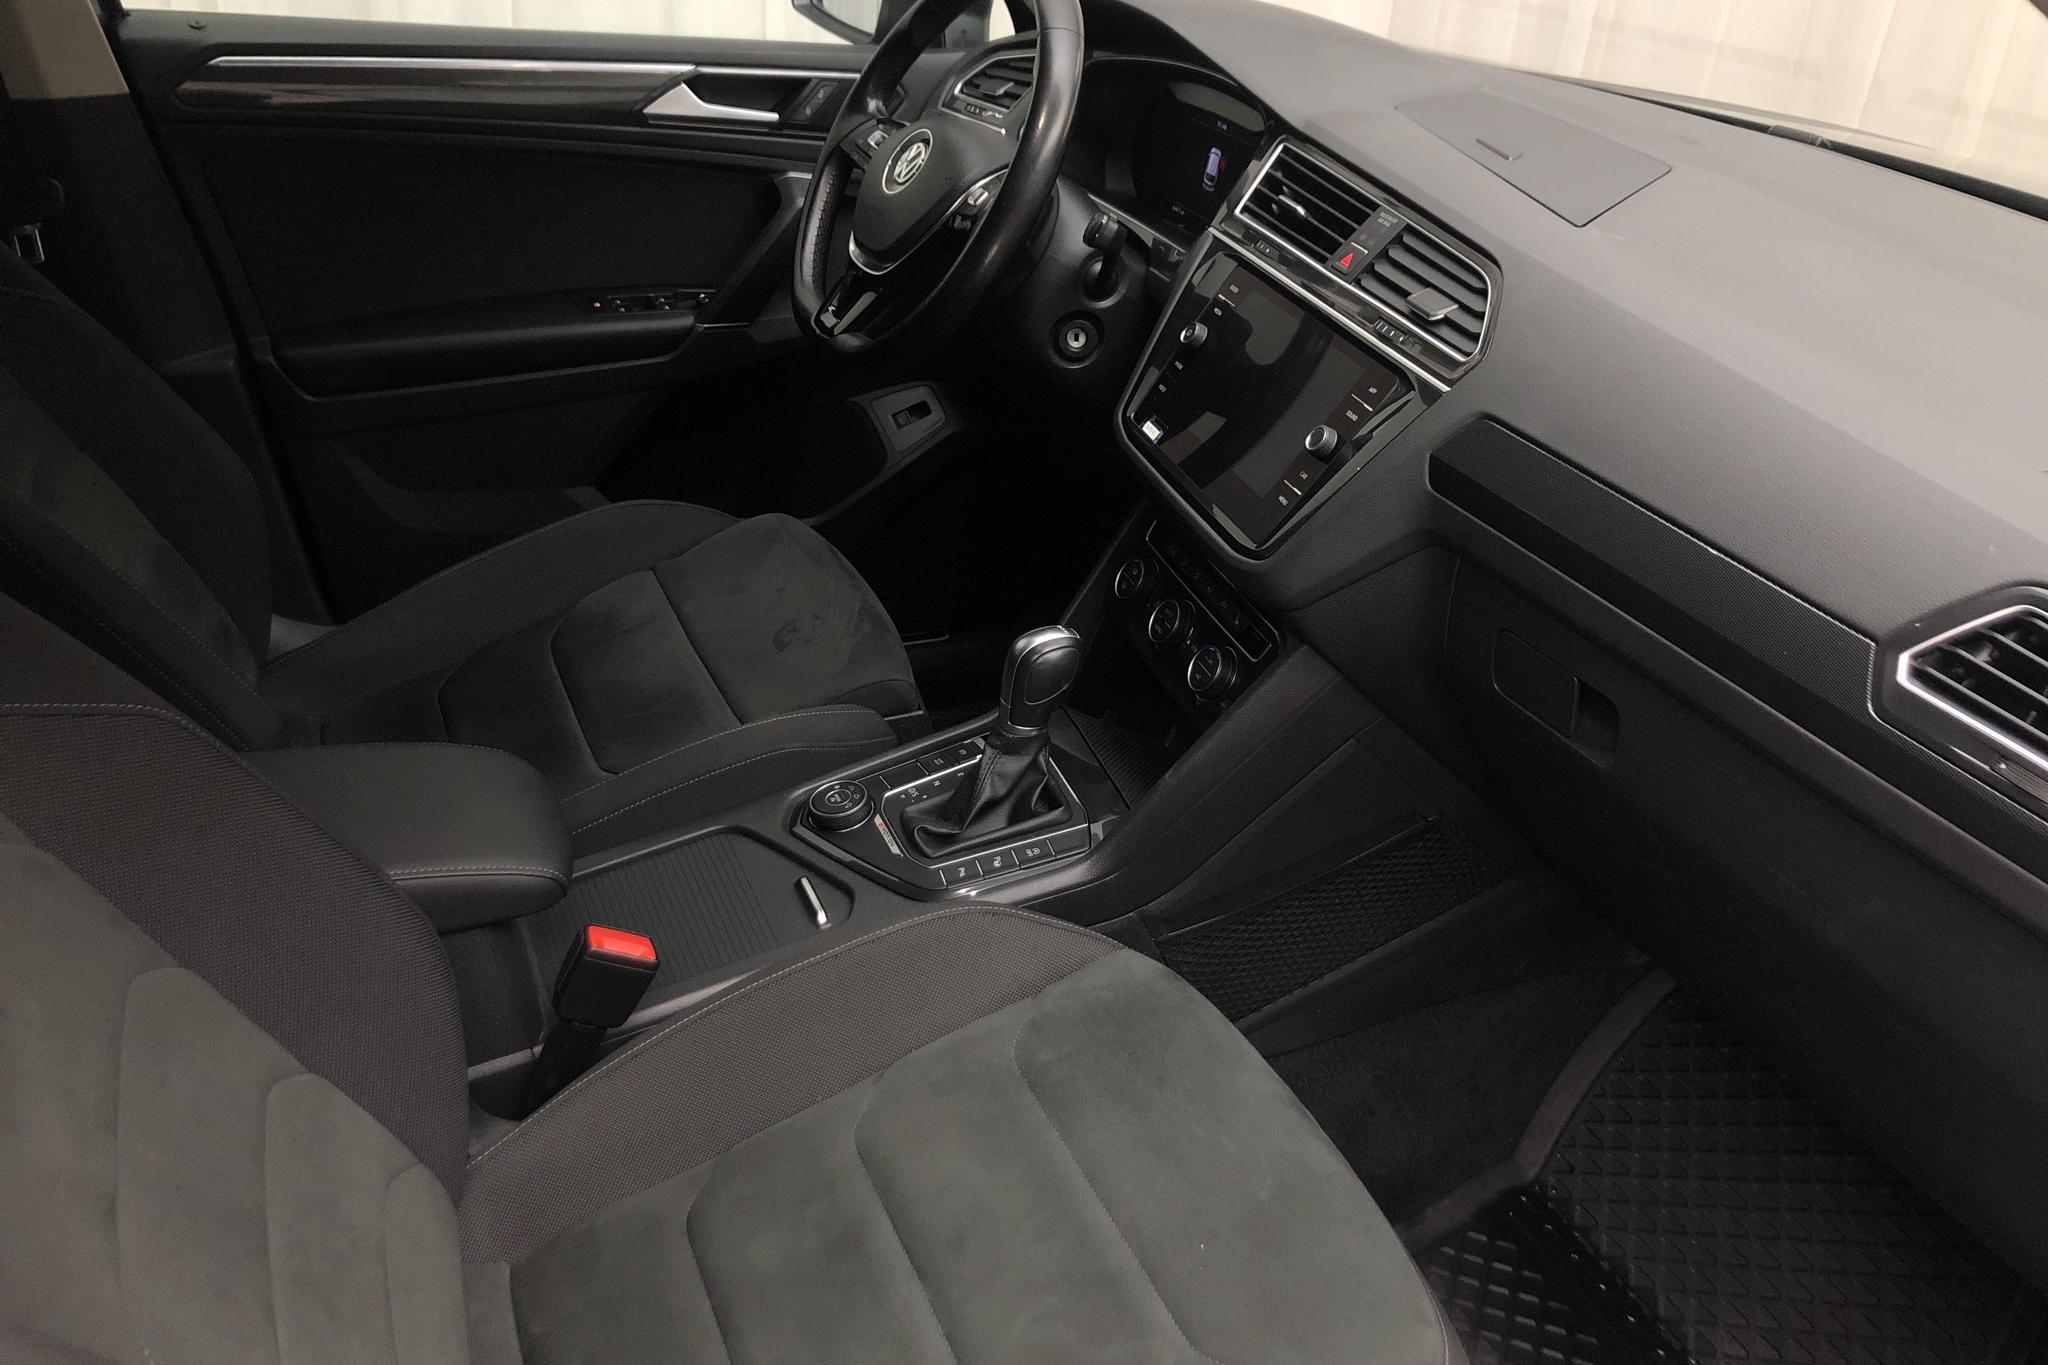 VW Tiguan 2.0 TDI 4MOTION (190hk) - 85 650 km - Automatic - silver - 2018